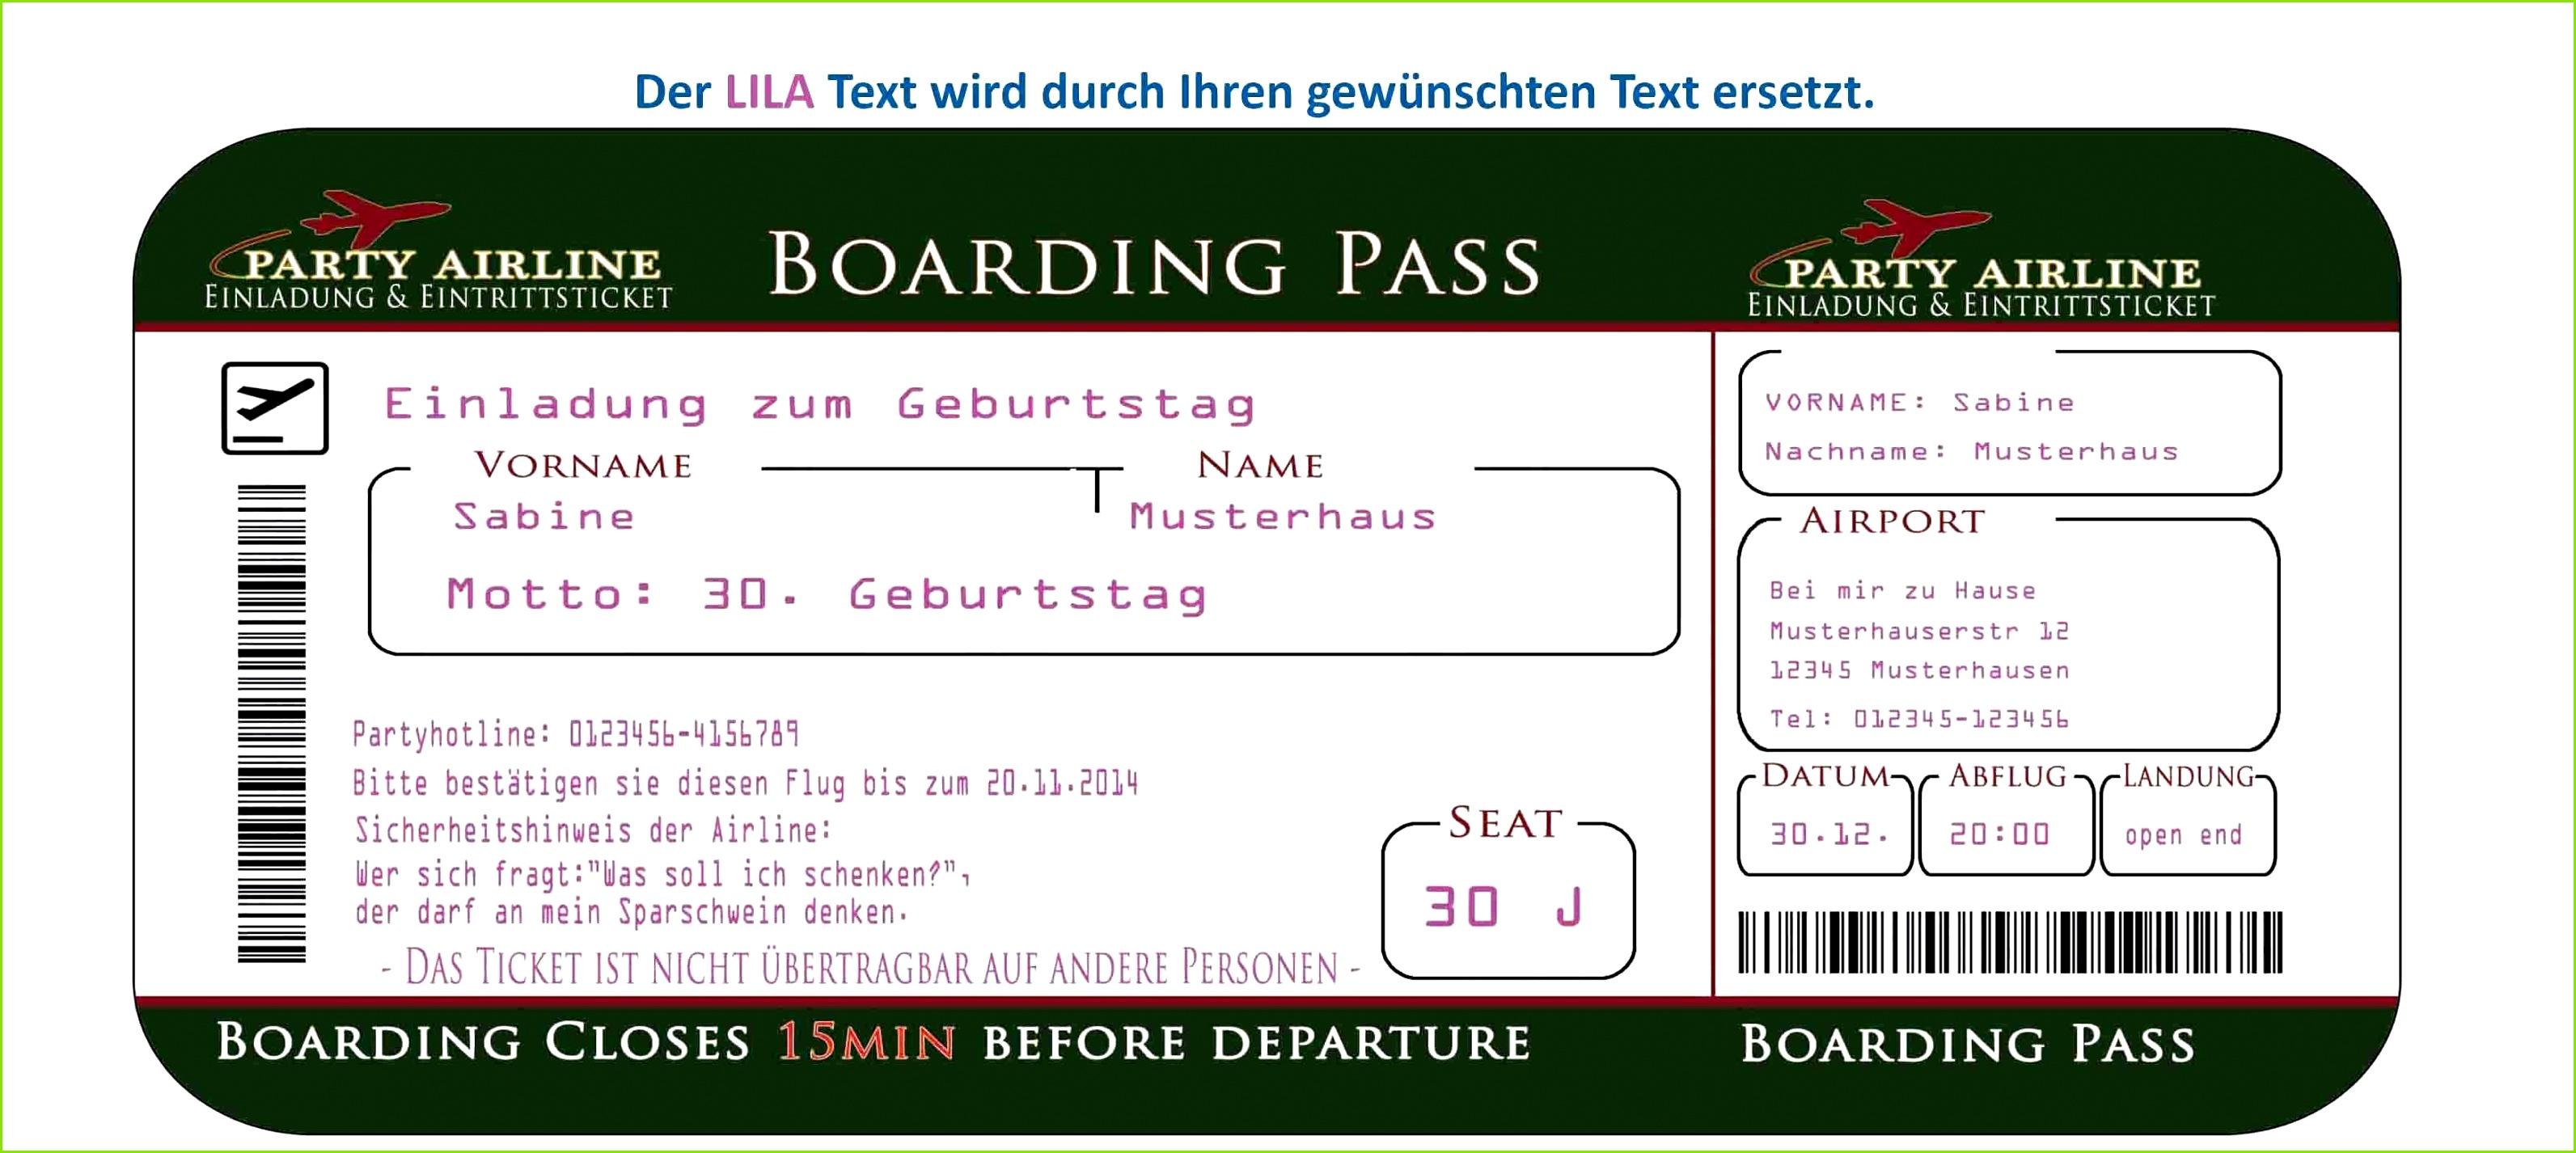 Einladungskarten 50 Geburtstag Kostenlos Einladungskarten Vorlagen Geburtstag Vorlagen Einladungen 0d